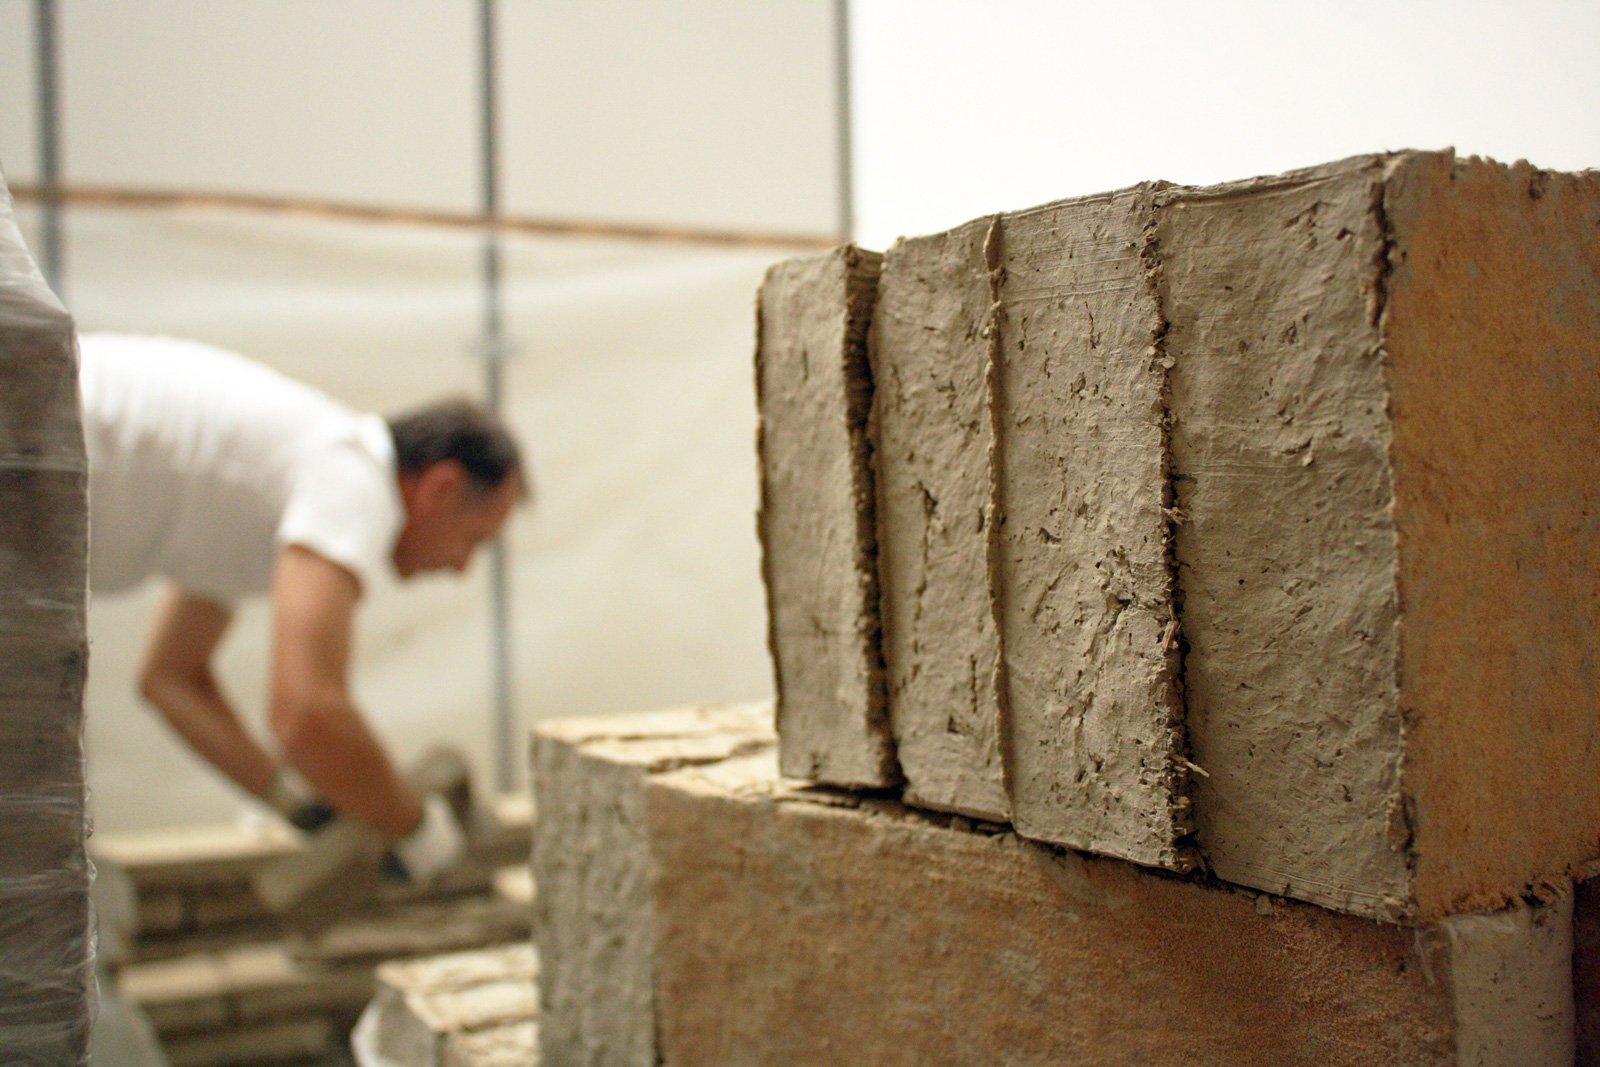 Matteo brioni adobe mattoni in terra cruda cose di casa for Case in stile adobe